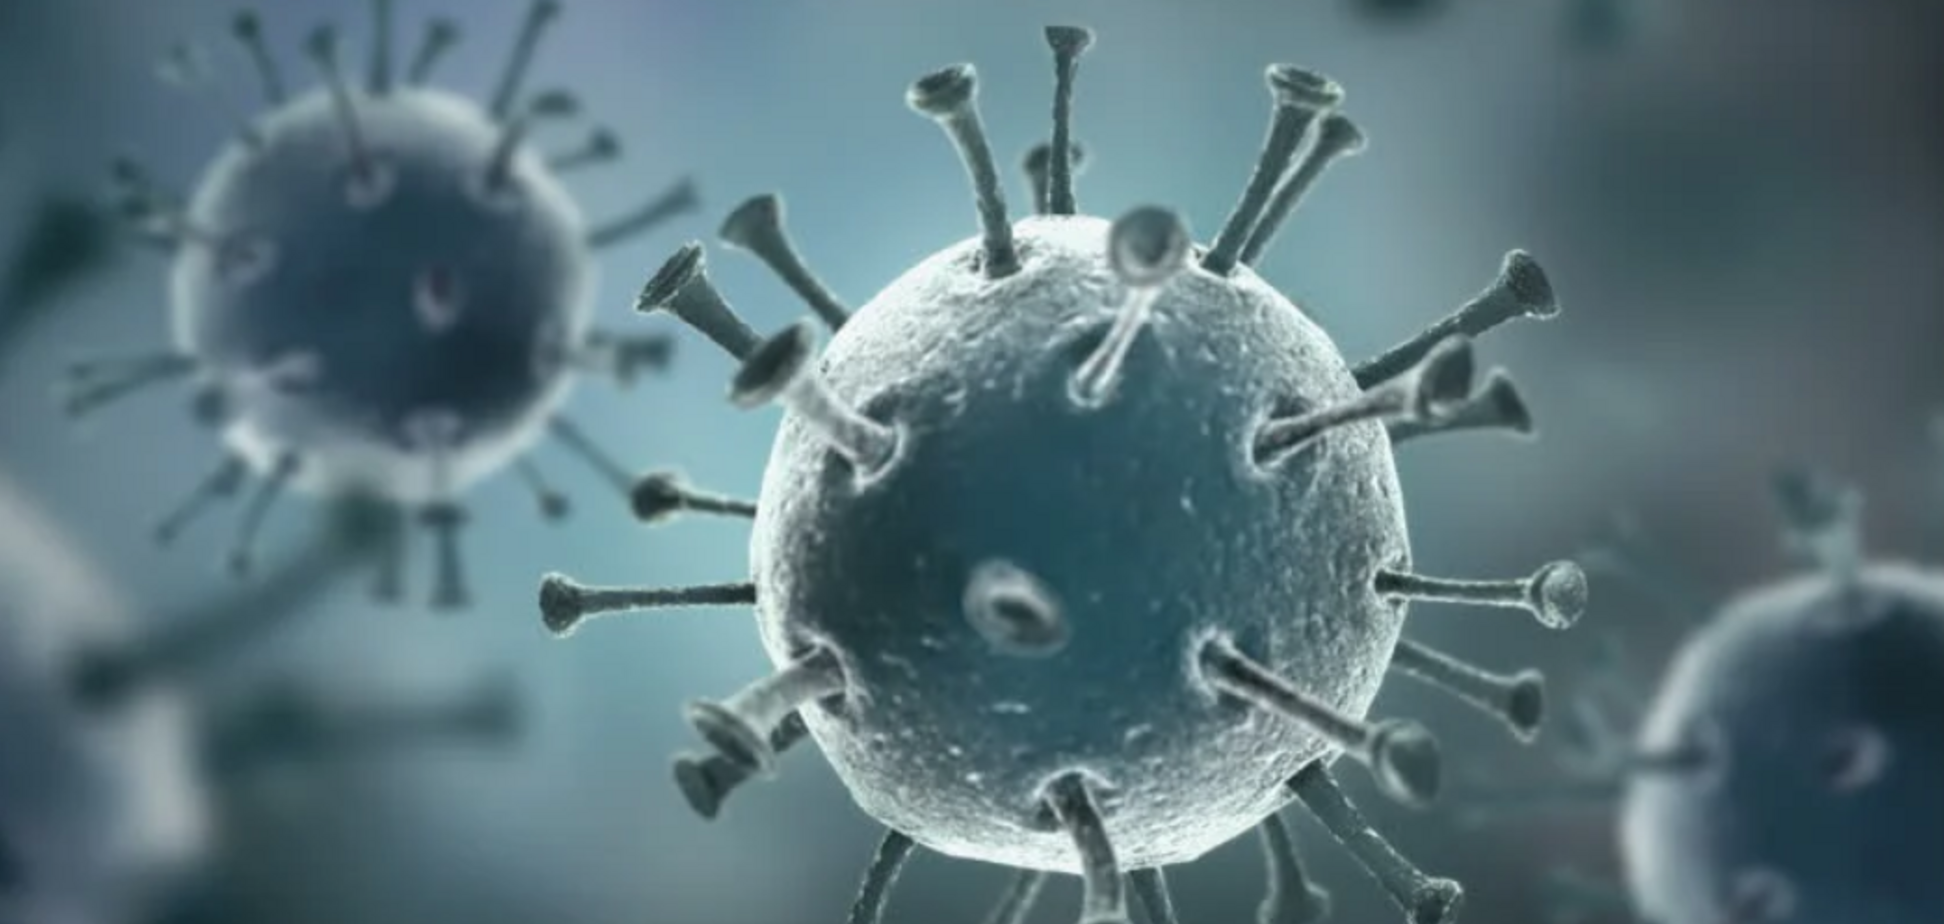 Ученые Мирового центра данных при КПИ спрогнозировали дату пиковой заболеваемости COVID-19 в Украине